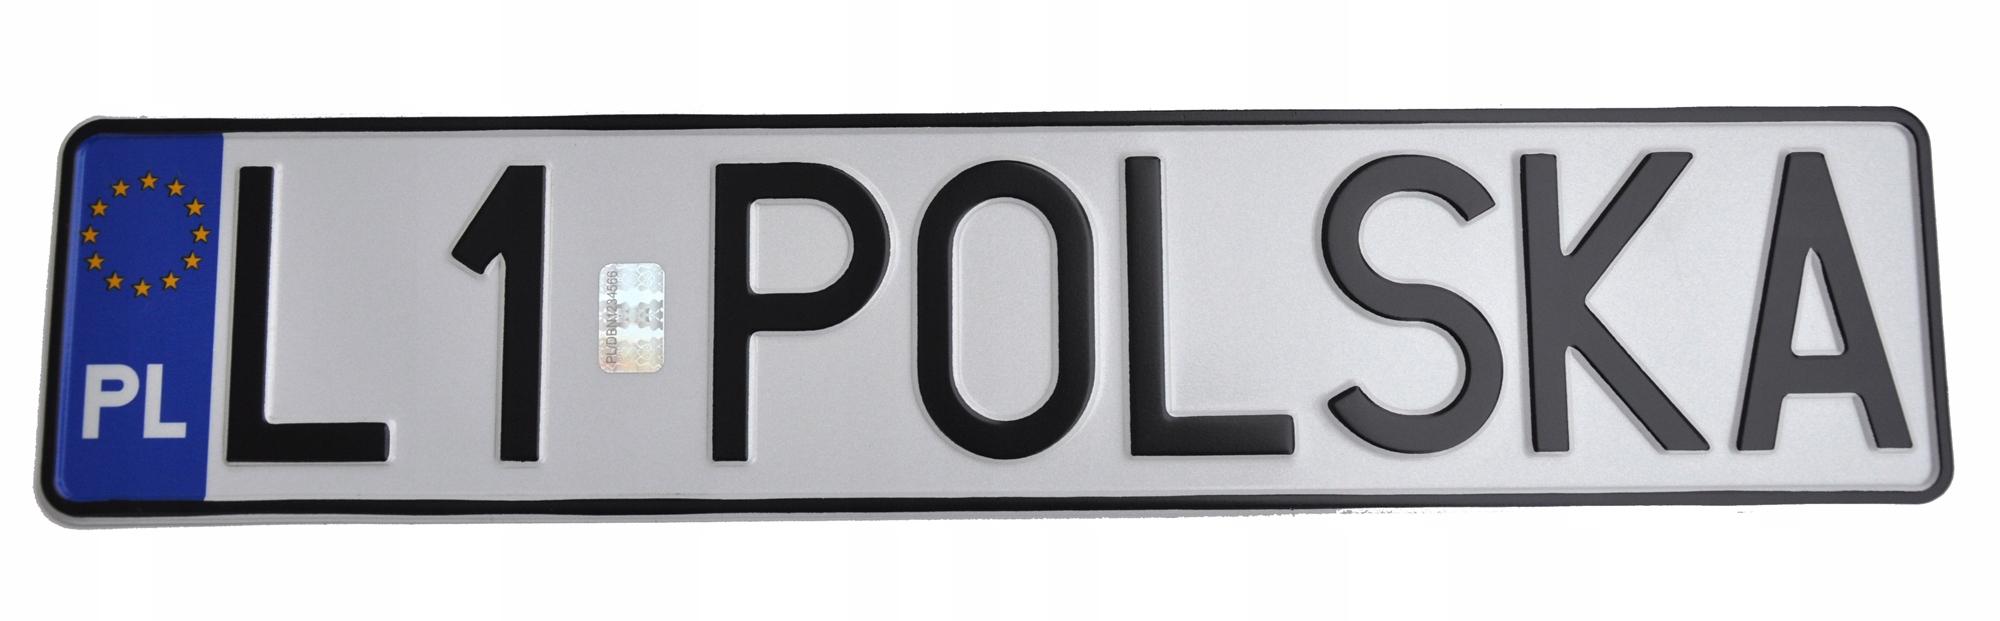 ПОЛЬША Табличка для регистрационных рамок, голограмма